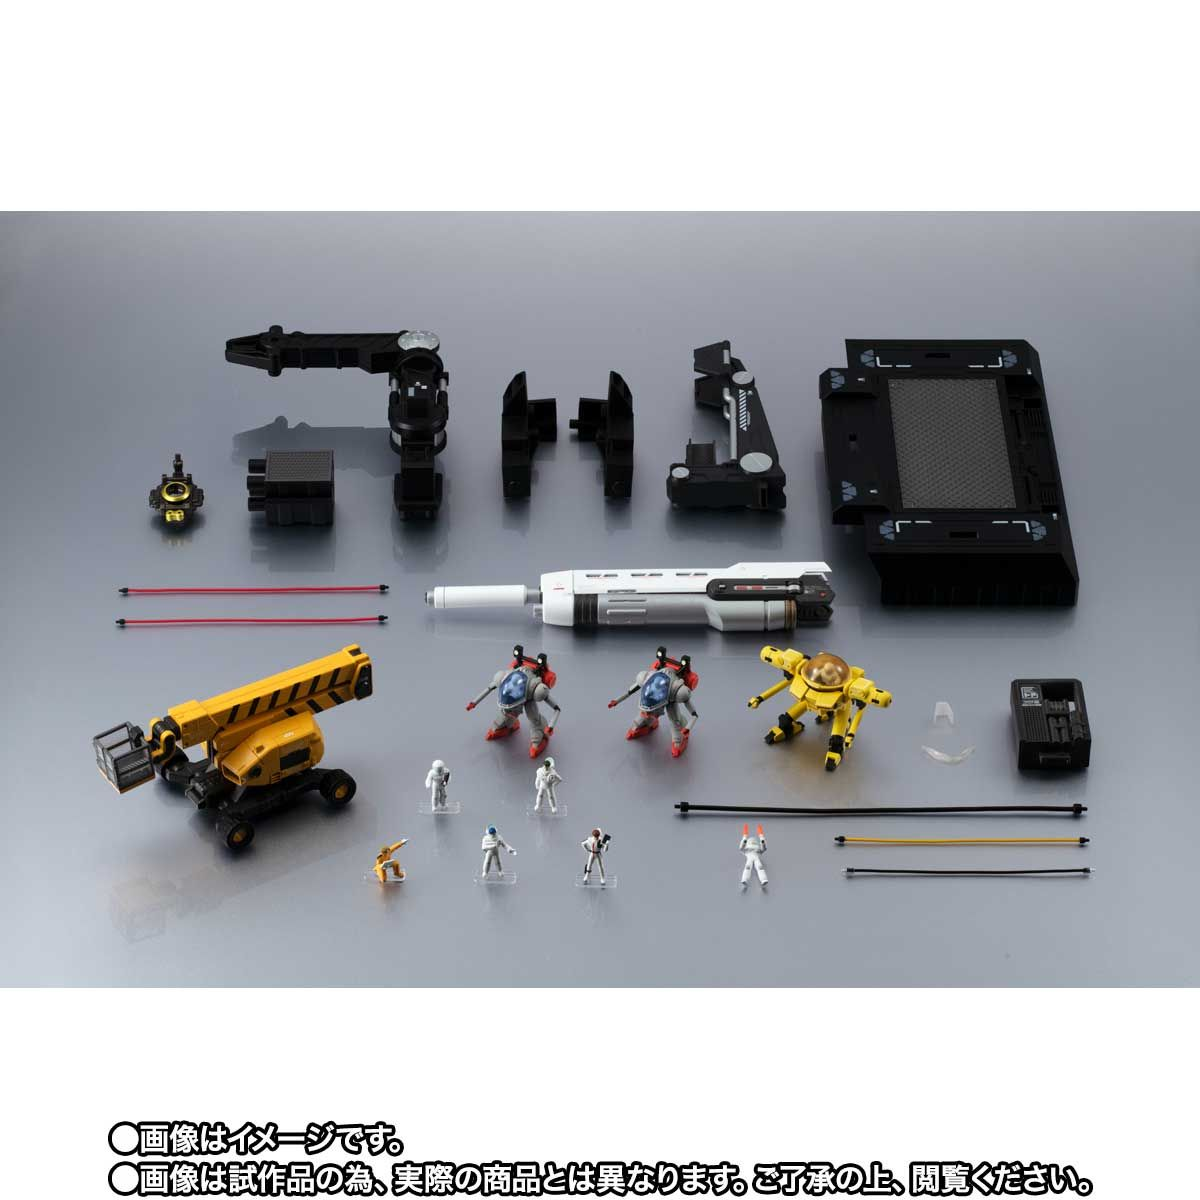 【限定販売】METAL STRUCTURE 解体匠機 RX-93 νガンダム専用オプションパーツ『ロンド・ベルエンジニアズ』セット-010